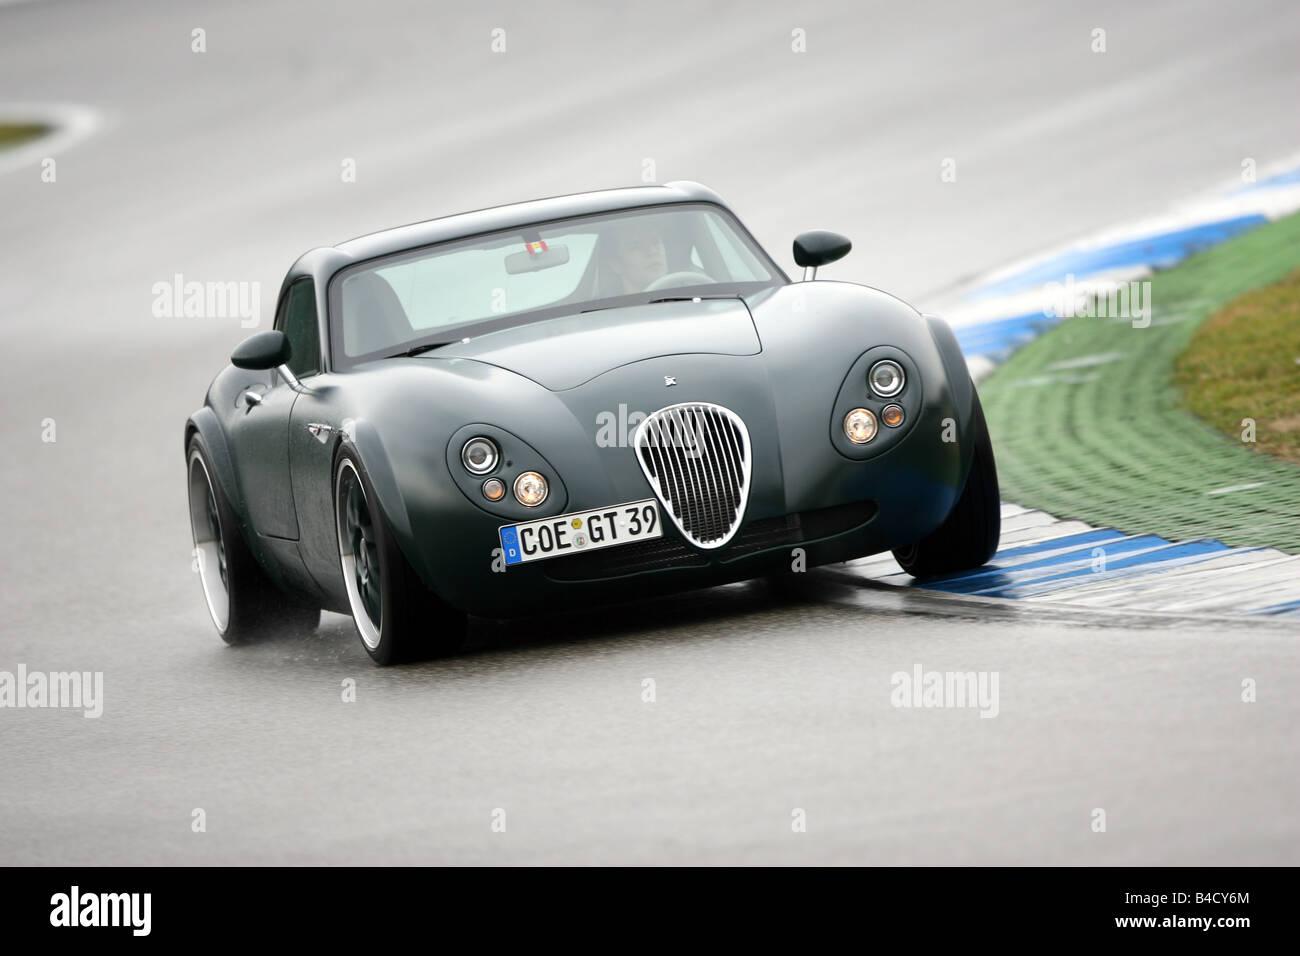 Wiesmann GT, fahren, schräg von vorne, Vorderansicht, Teststrecke Stockbild